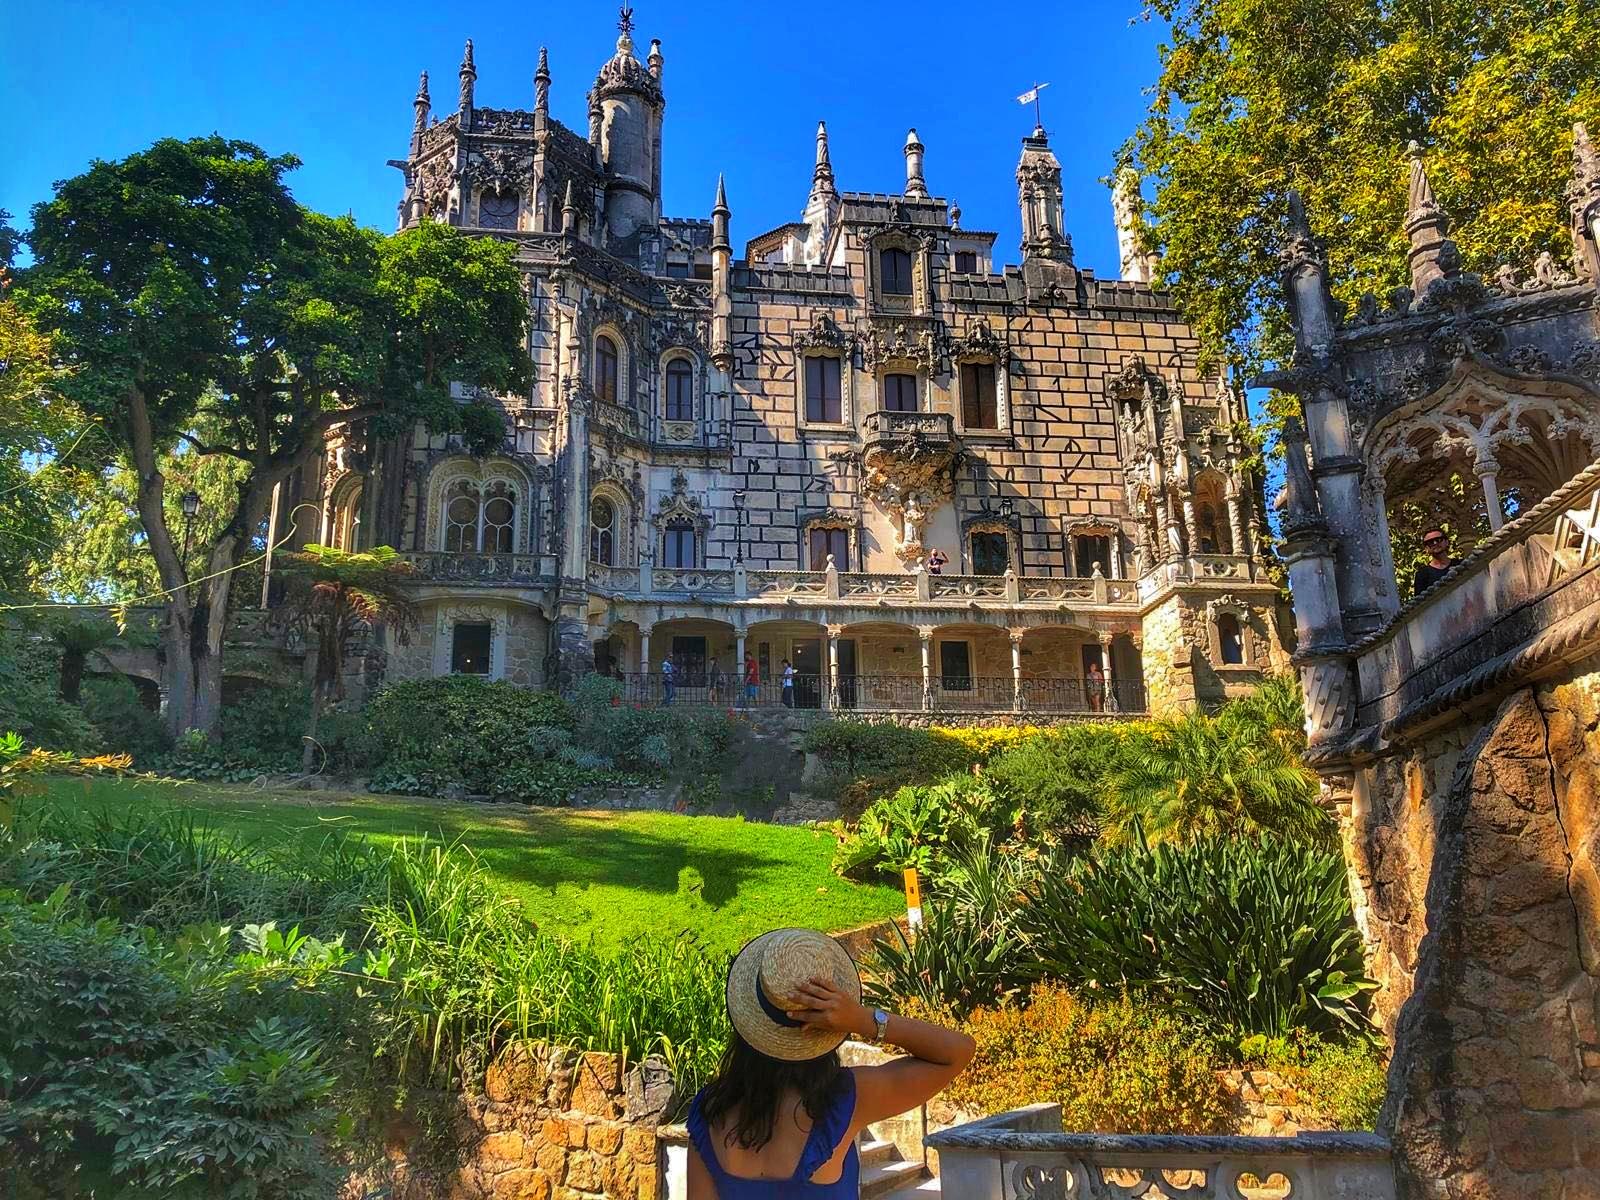 Quinta da regaleria – Najmističnija palata u Portugaliji